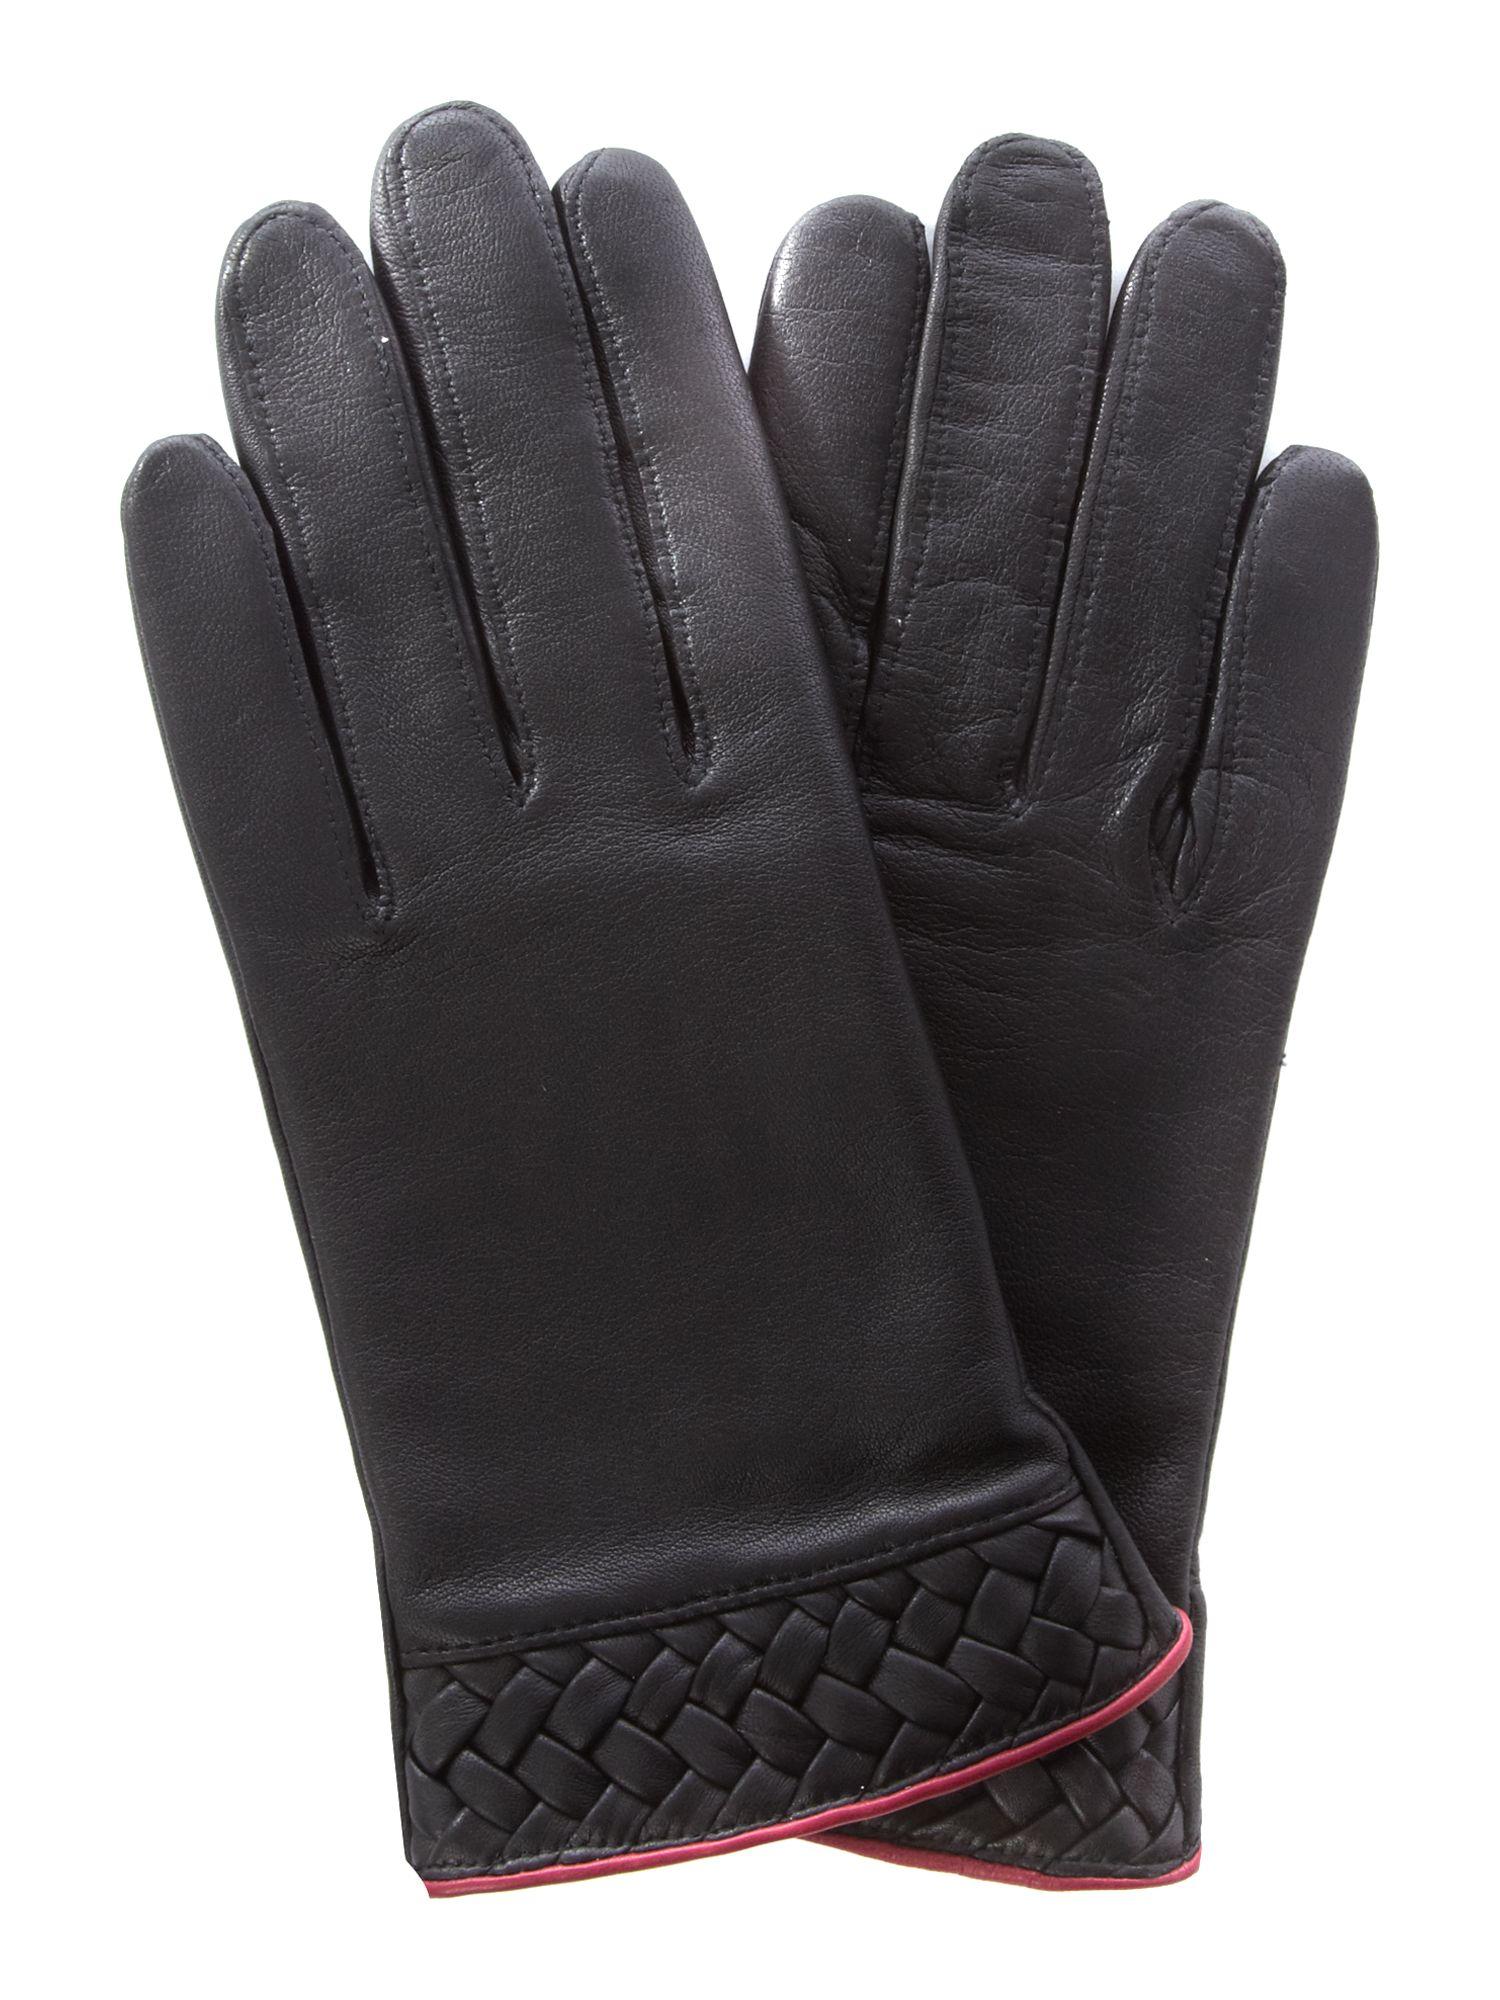 Radley ladies leather gloves - Gallery